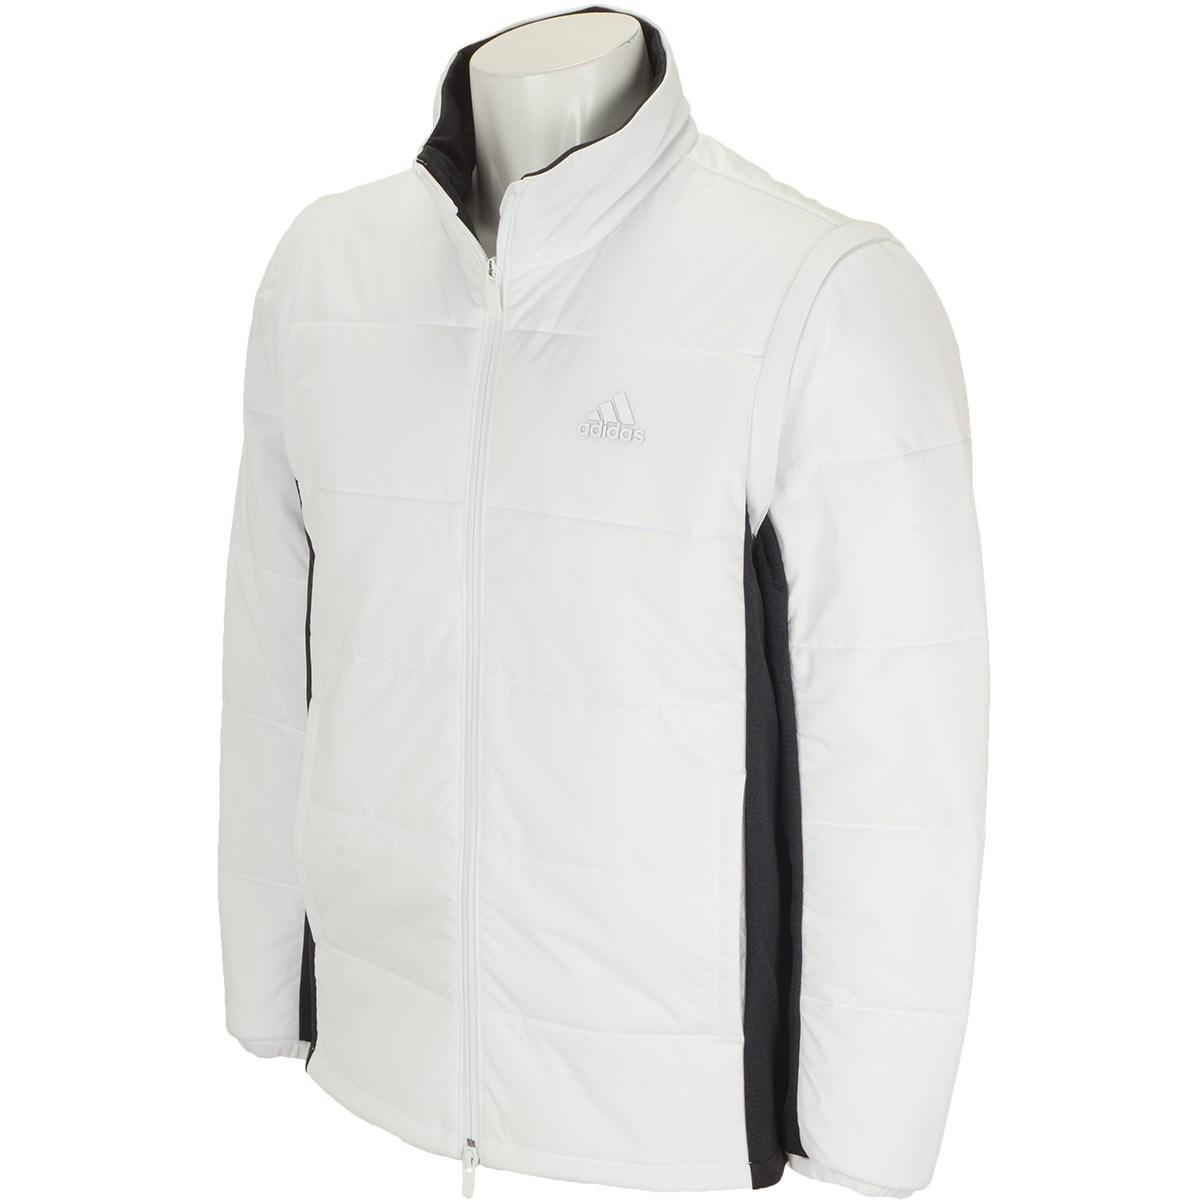 アディダス Adidas ストレッチ ディタッチャブルスリーブ 中綿 フルジップ長袖ジャケット M ホワイト